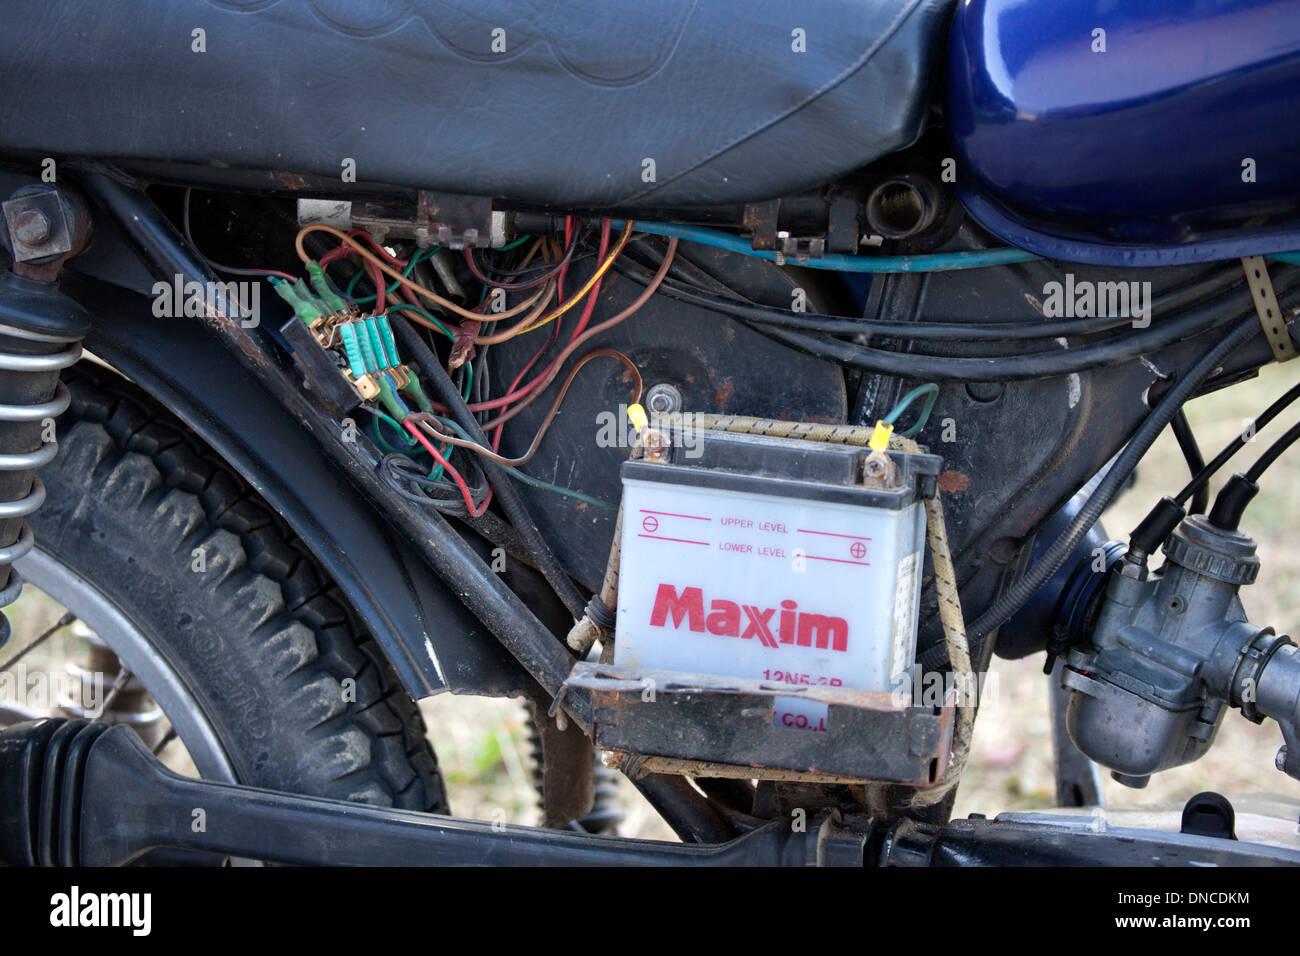 Verkabelung, Batterie und Motor von einem polnischen Motorrad ...